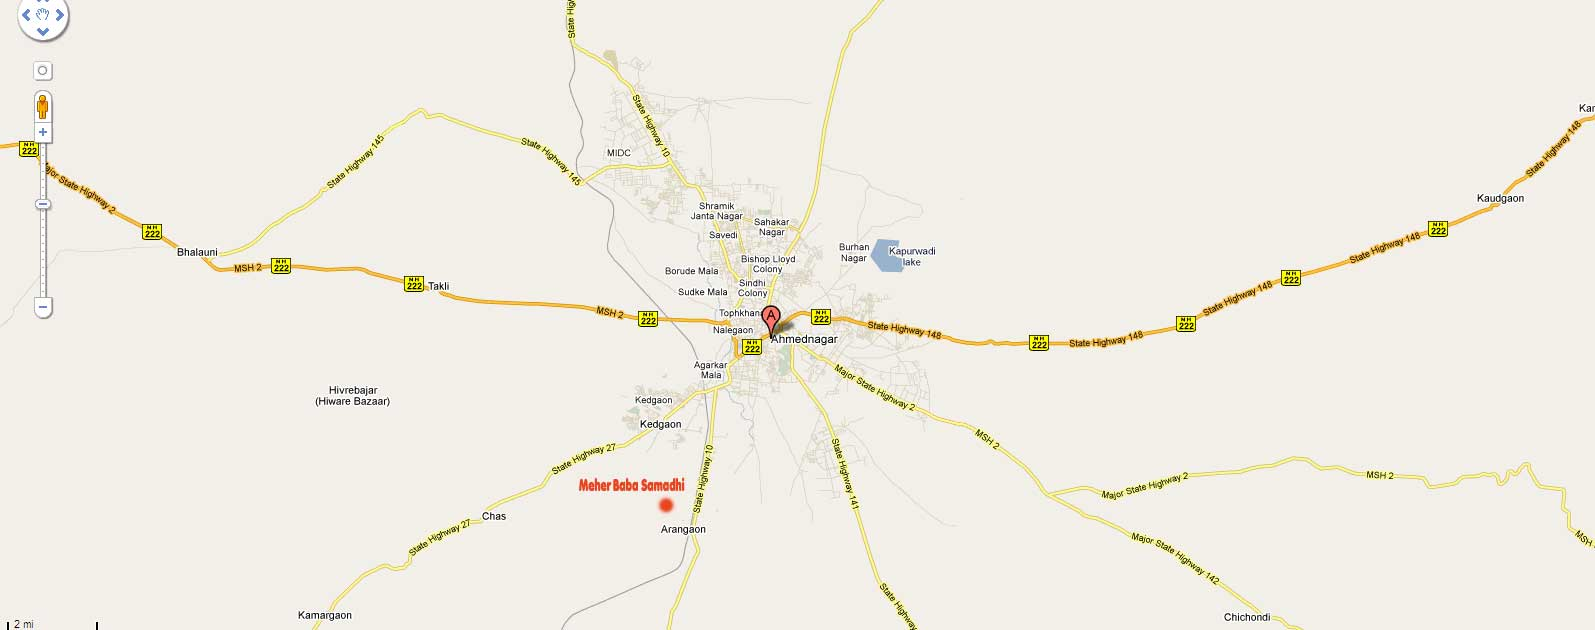 Raod Map of Ahmednagtar >> Arangaon Village >> (Meherabad)